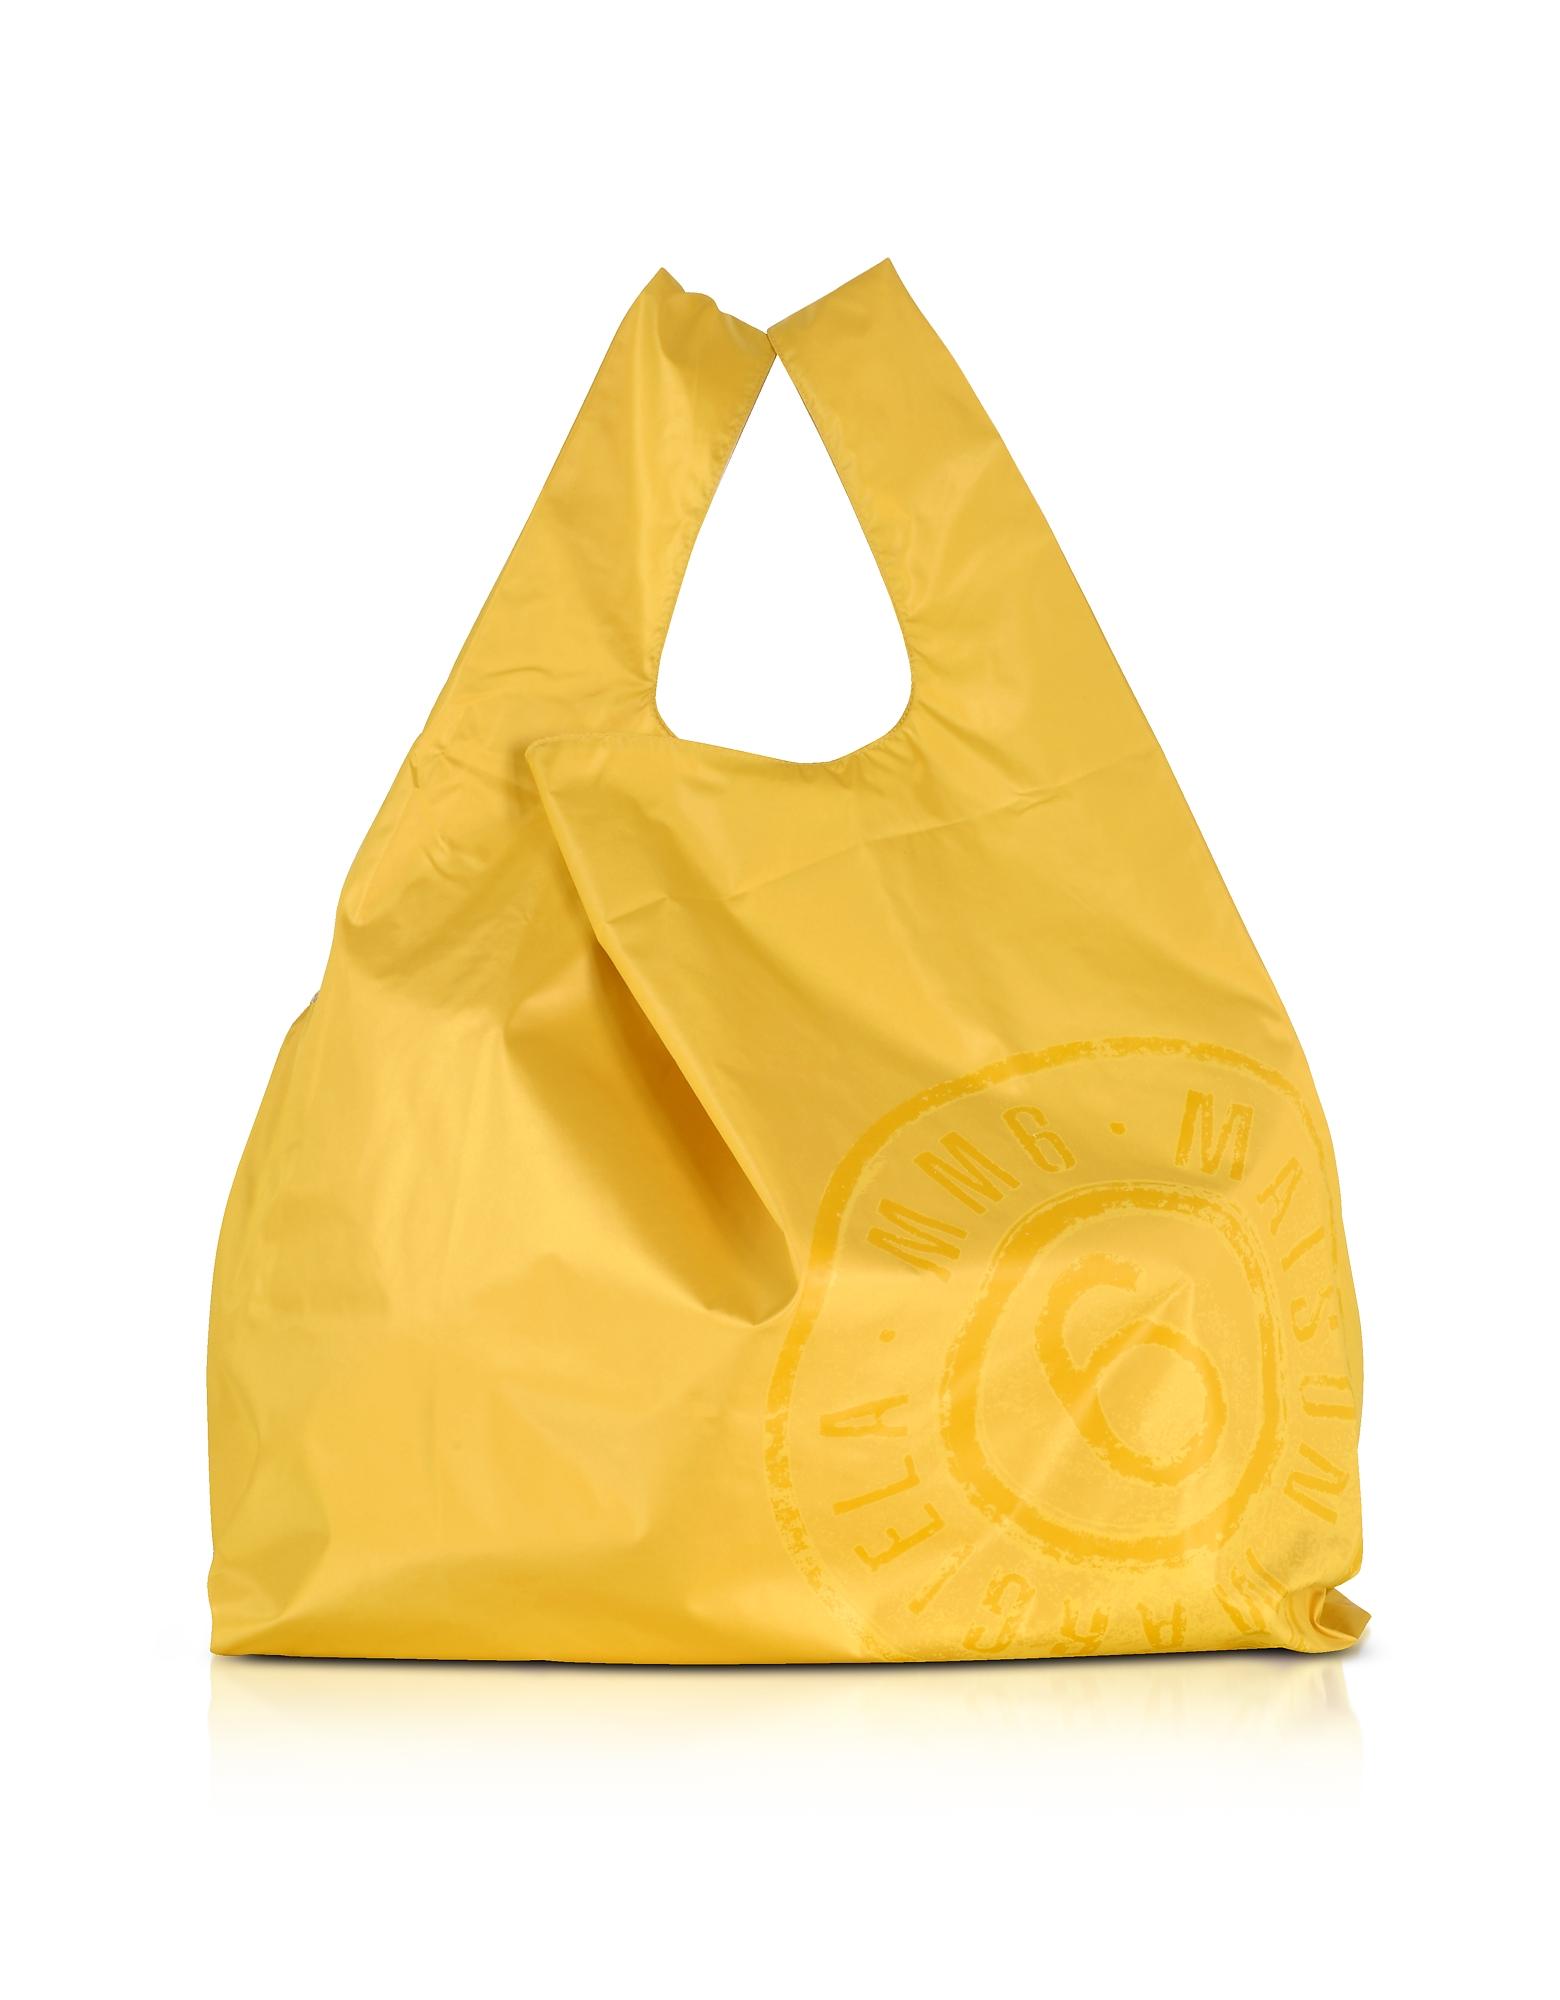 Market Bag - Двухсторонняя Желтая и Белая Сумка из Нейлона с Логотипом